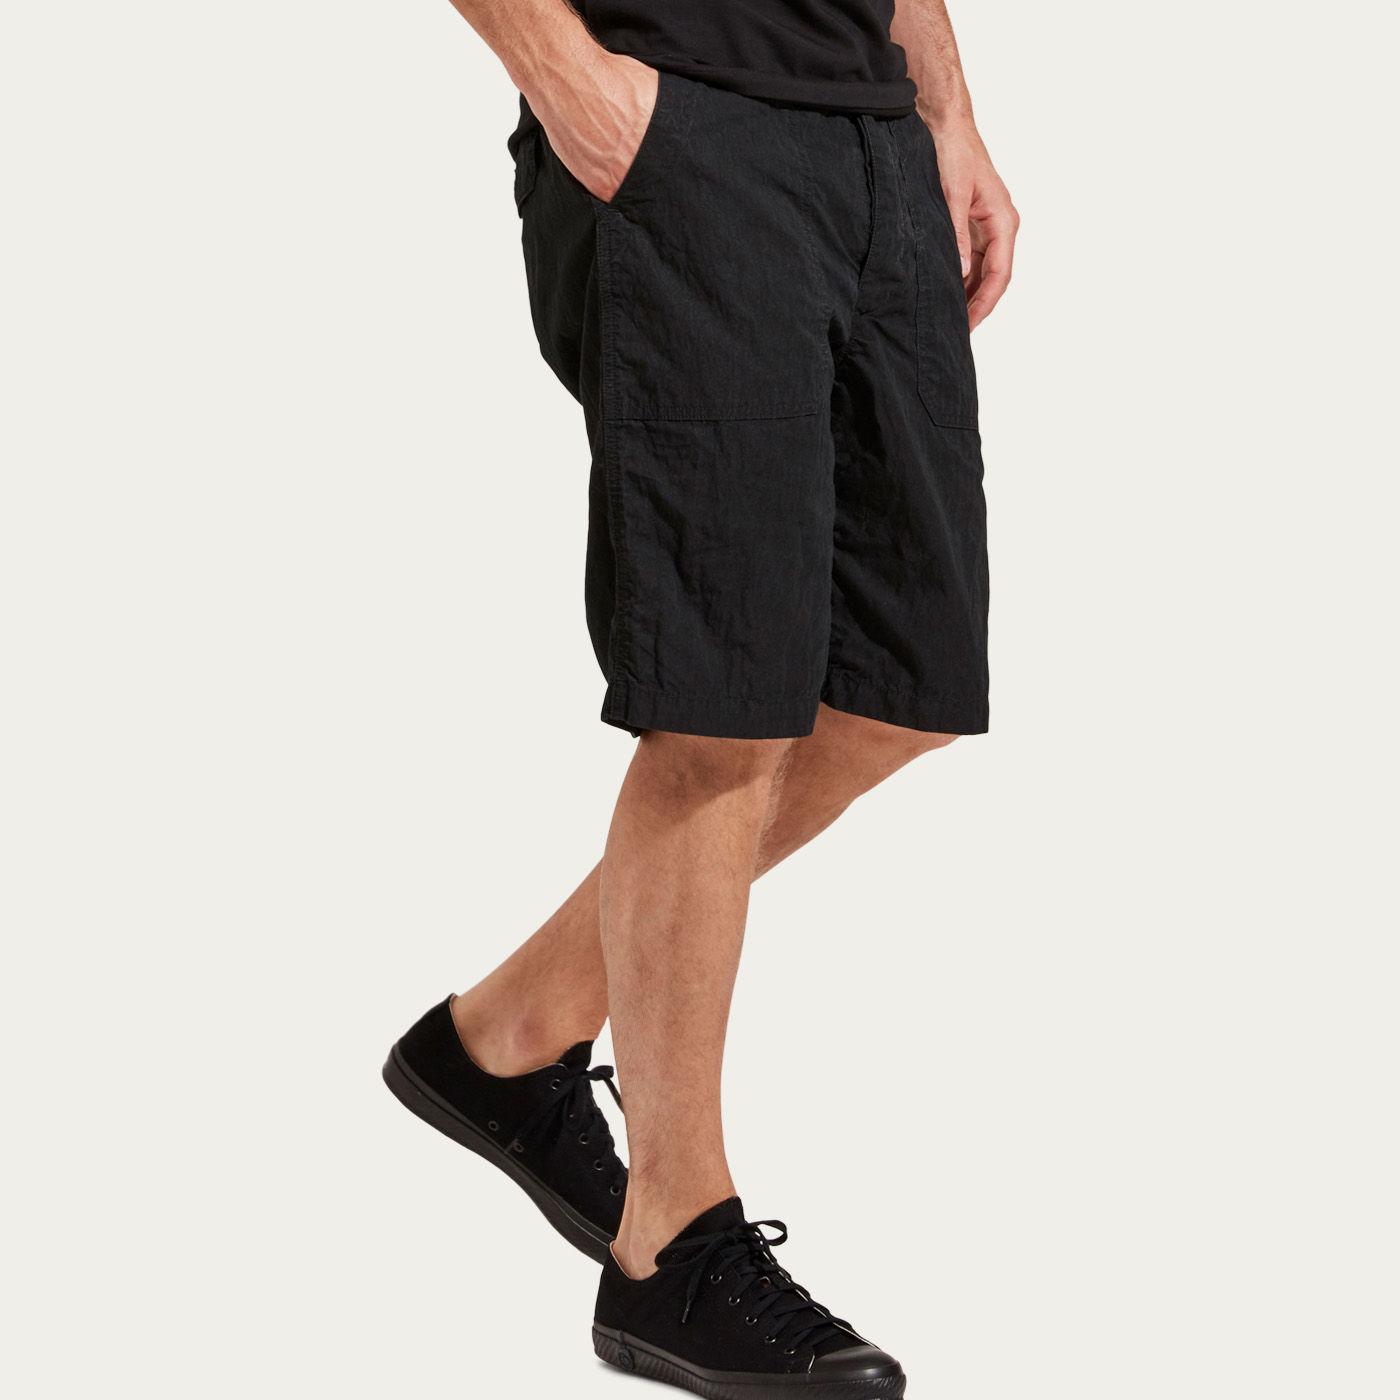 Washed Black Cotton/Nylon Shorts  | Bombinate